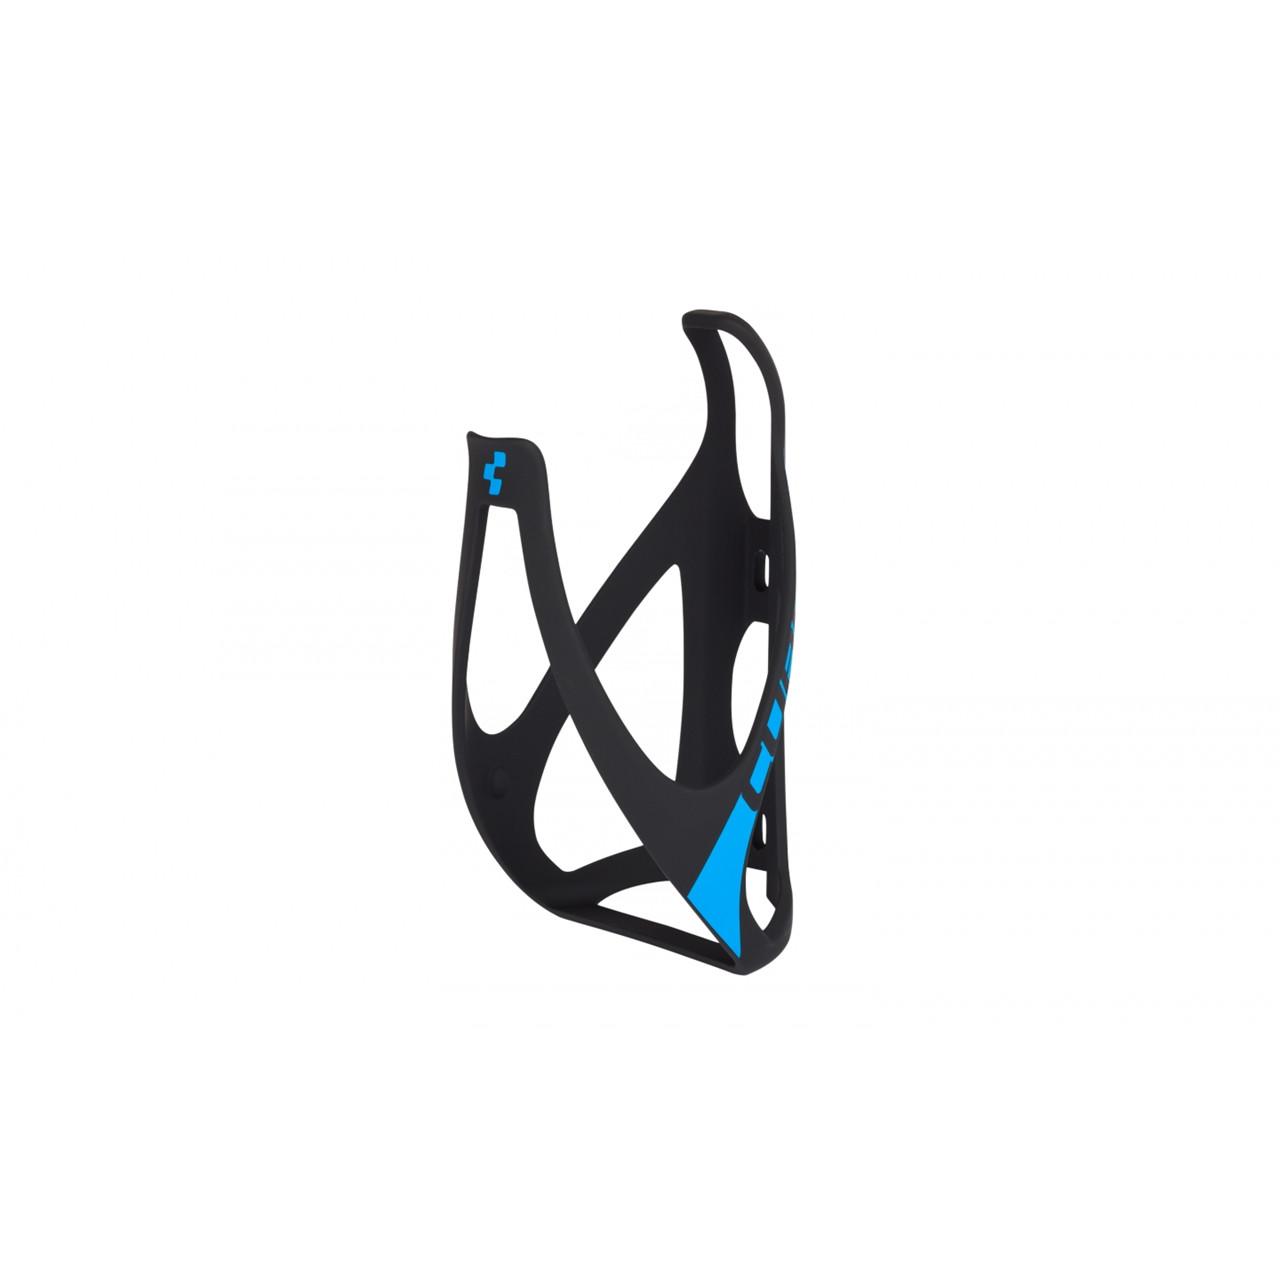 Cube Bottle Cage Hpp - Flaskeholder (Black/Blue) Cykel Tilbehør